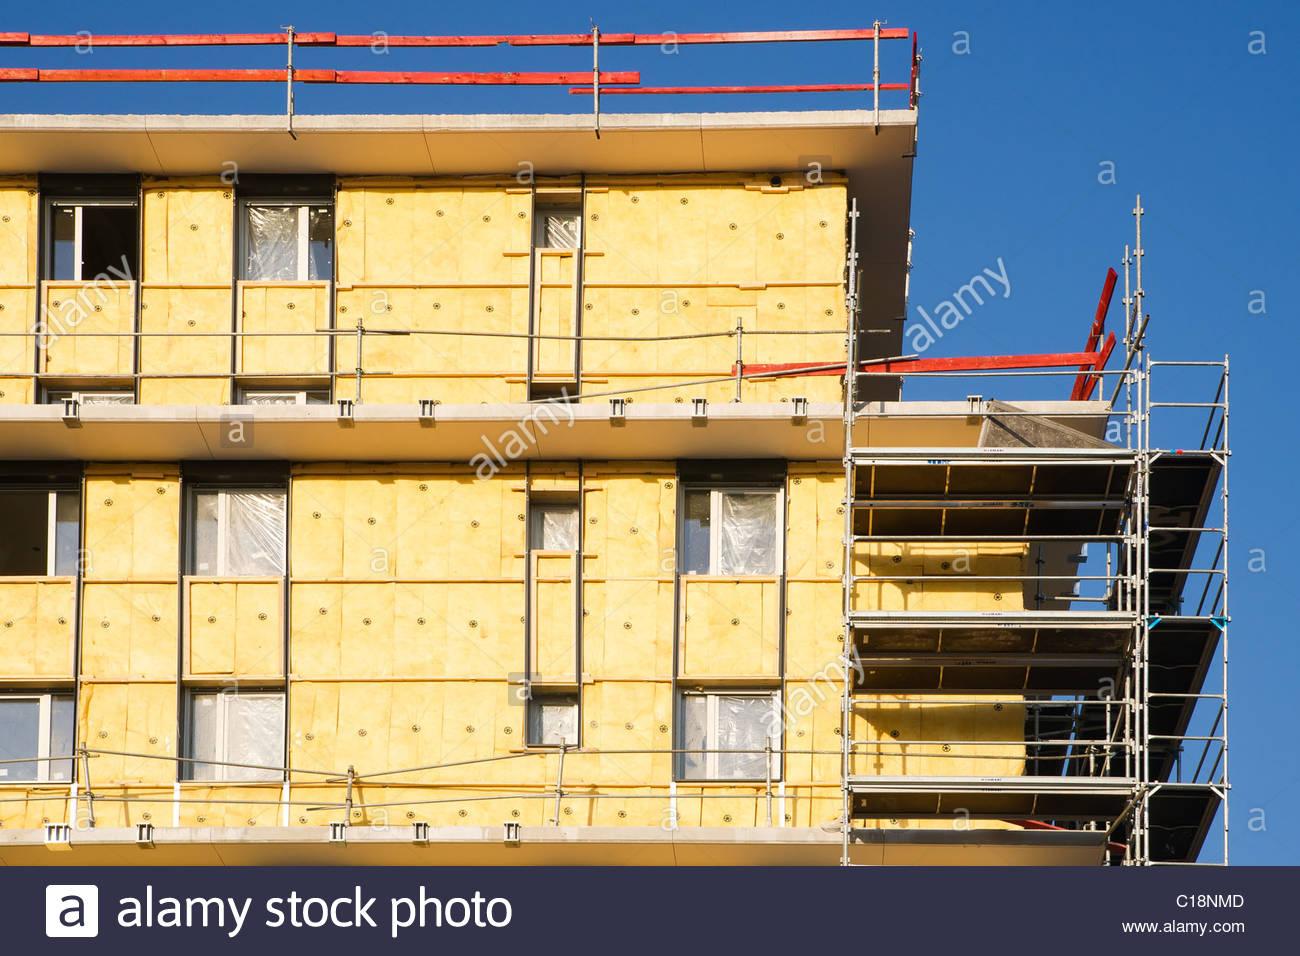 Wärmedämmverbundsysteme arbeitet an der Außenwand eines Gebäudes Stockbild